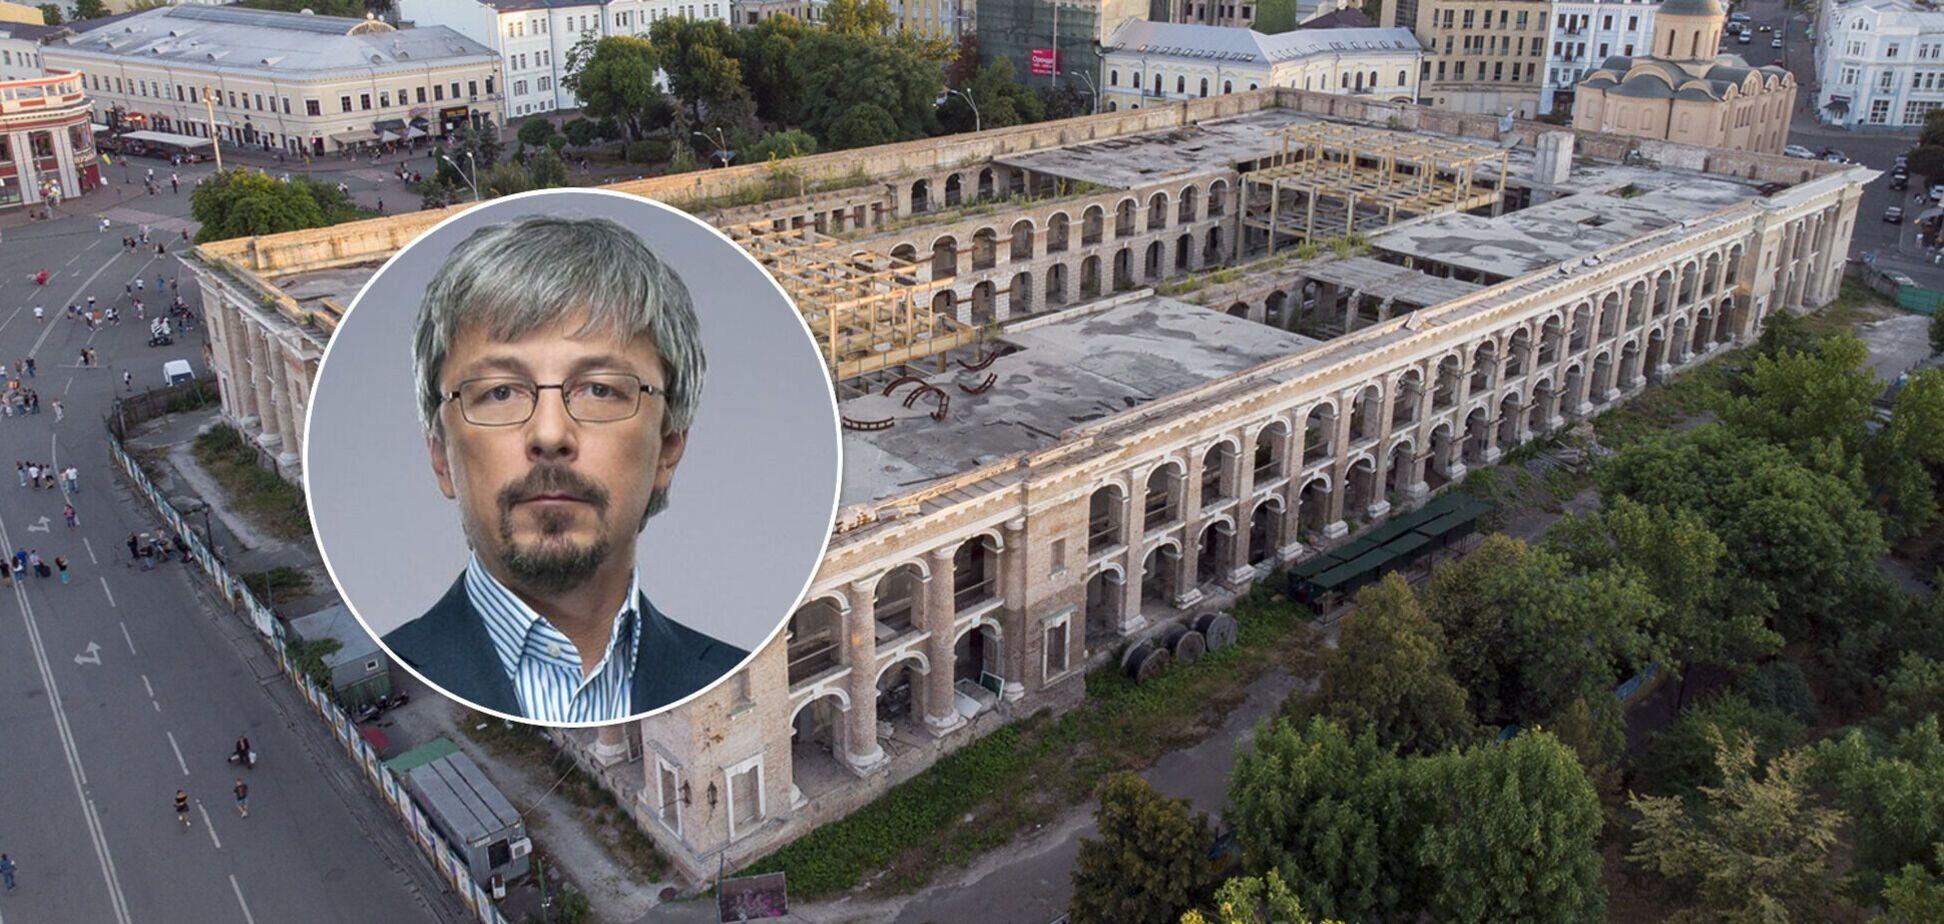 Знищення об'єктів культурної спадщини: до Олександра Ткаченка накопичилось багато запитань